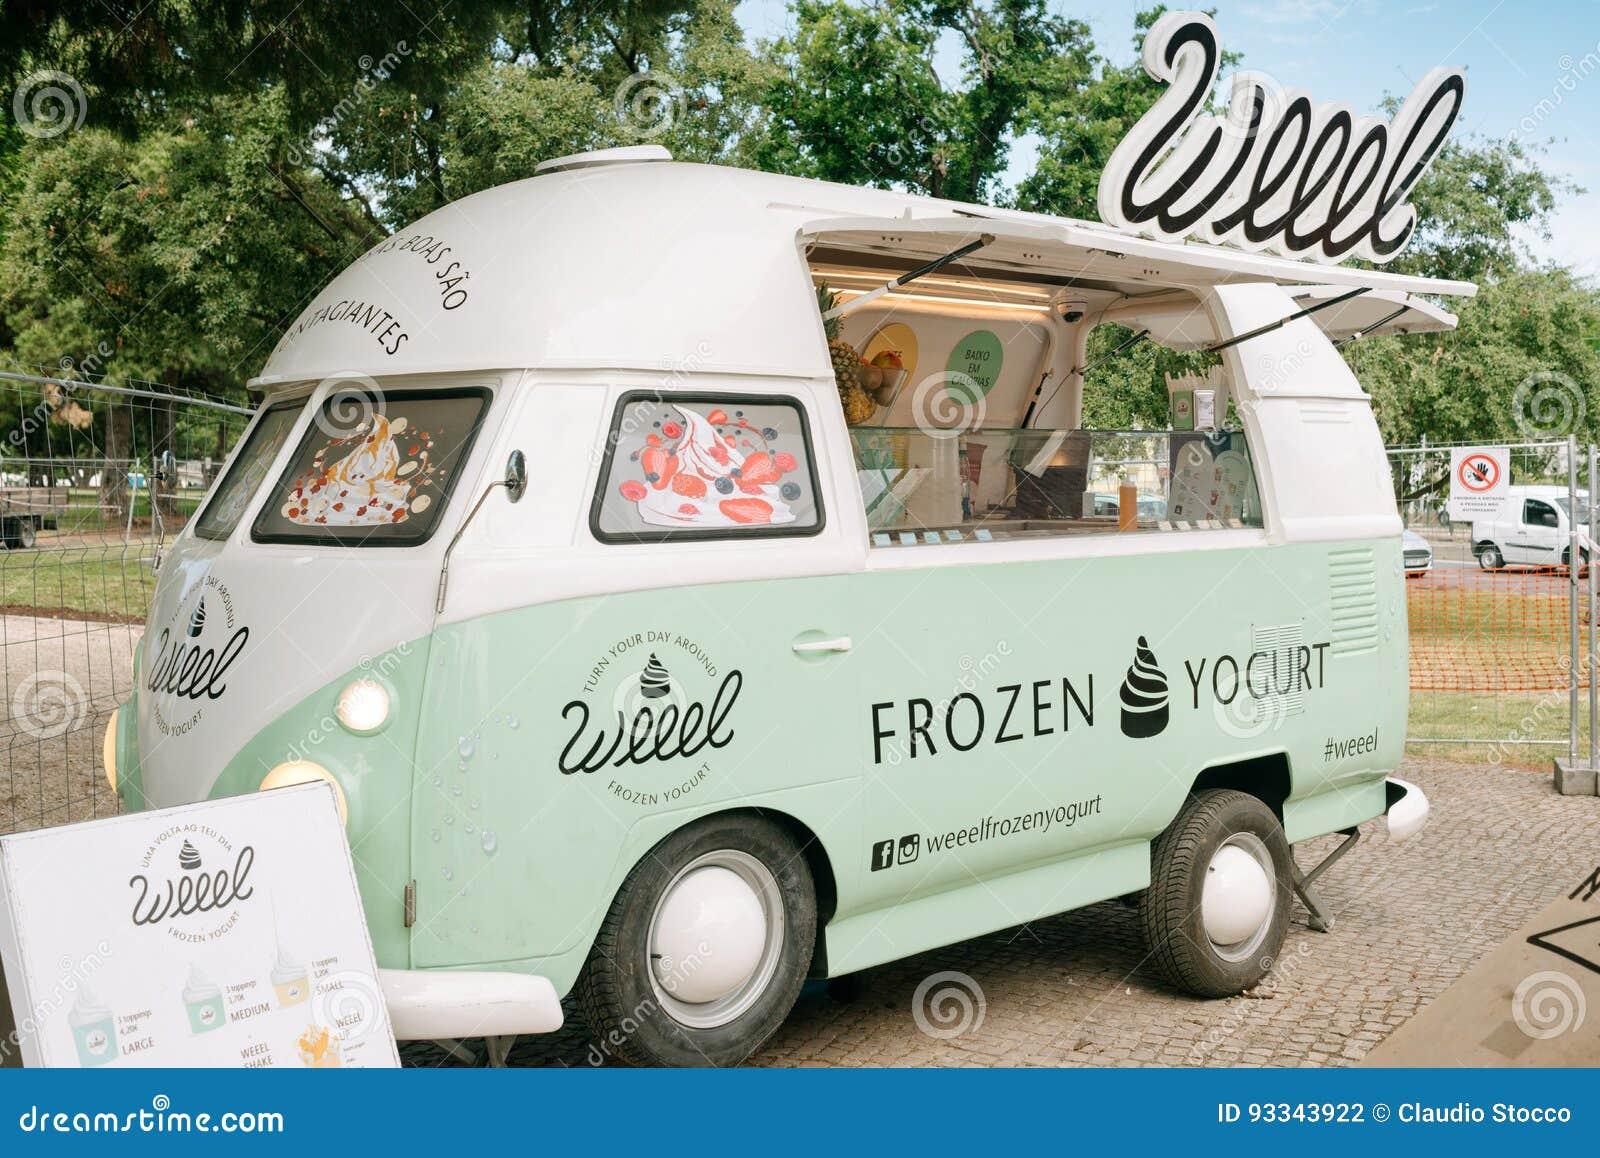 frozen yogurt vans